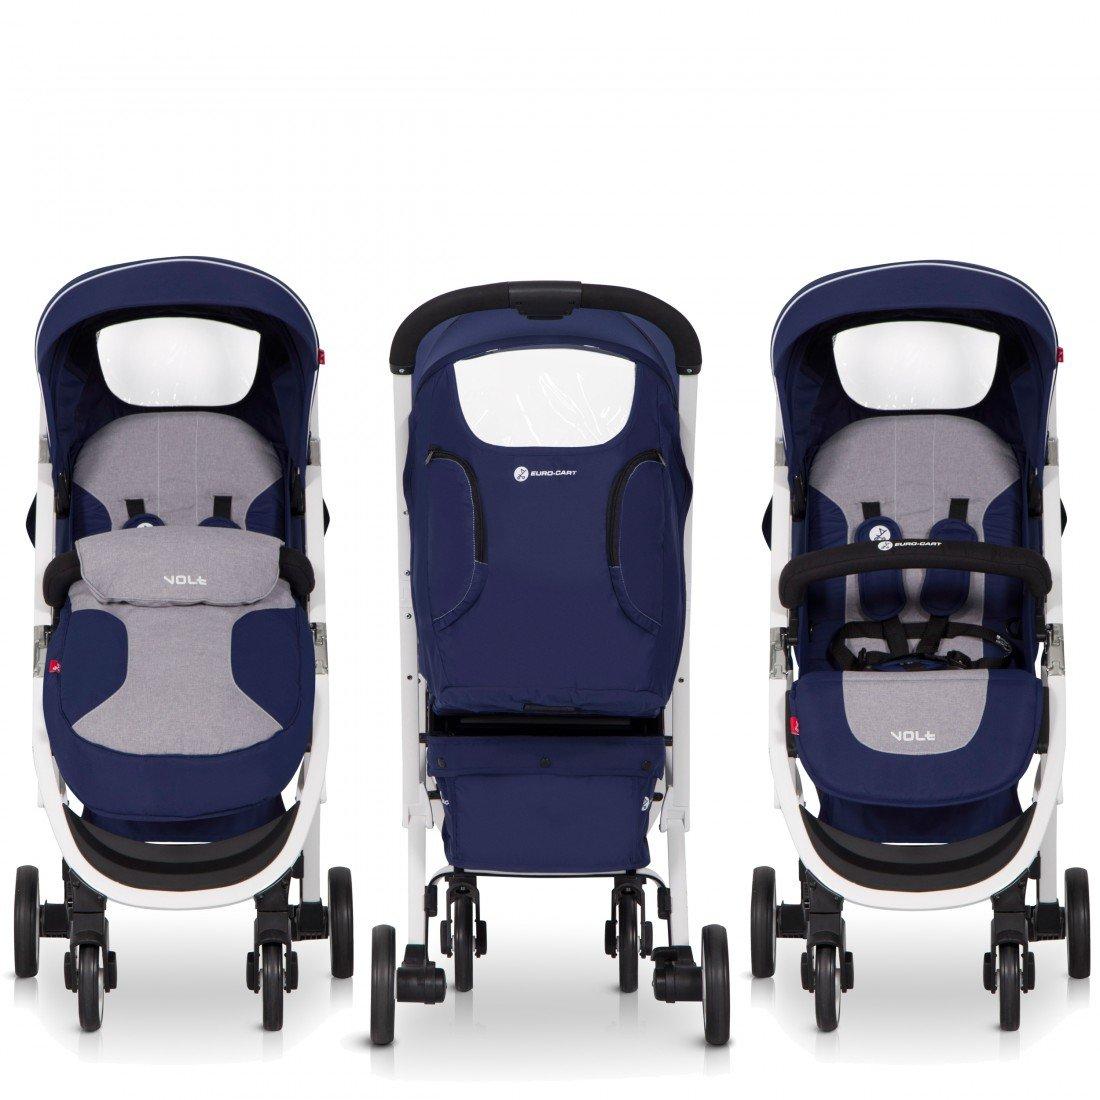 leicht von Geburt geeignet kompakt zusammenklappbar EUROCART Buggy Sport Kinderwagen VOLT LATTE Liegefunktion